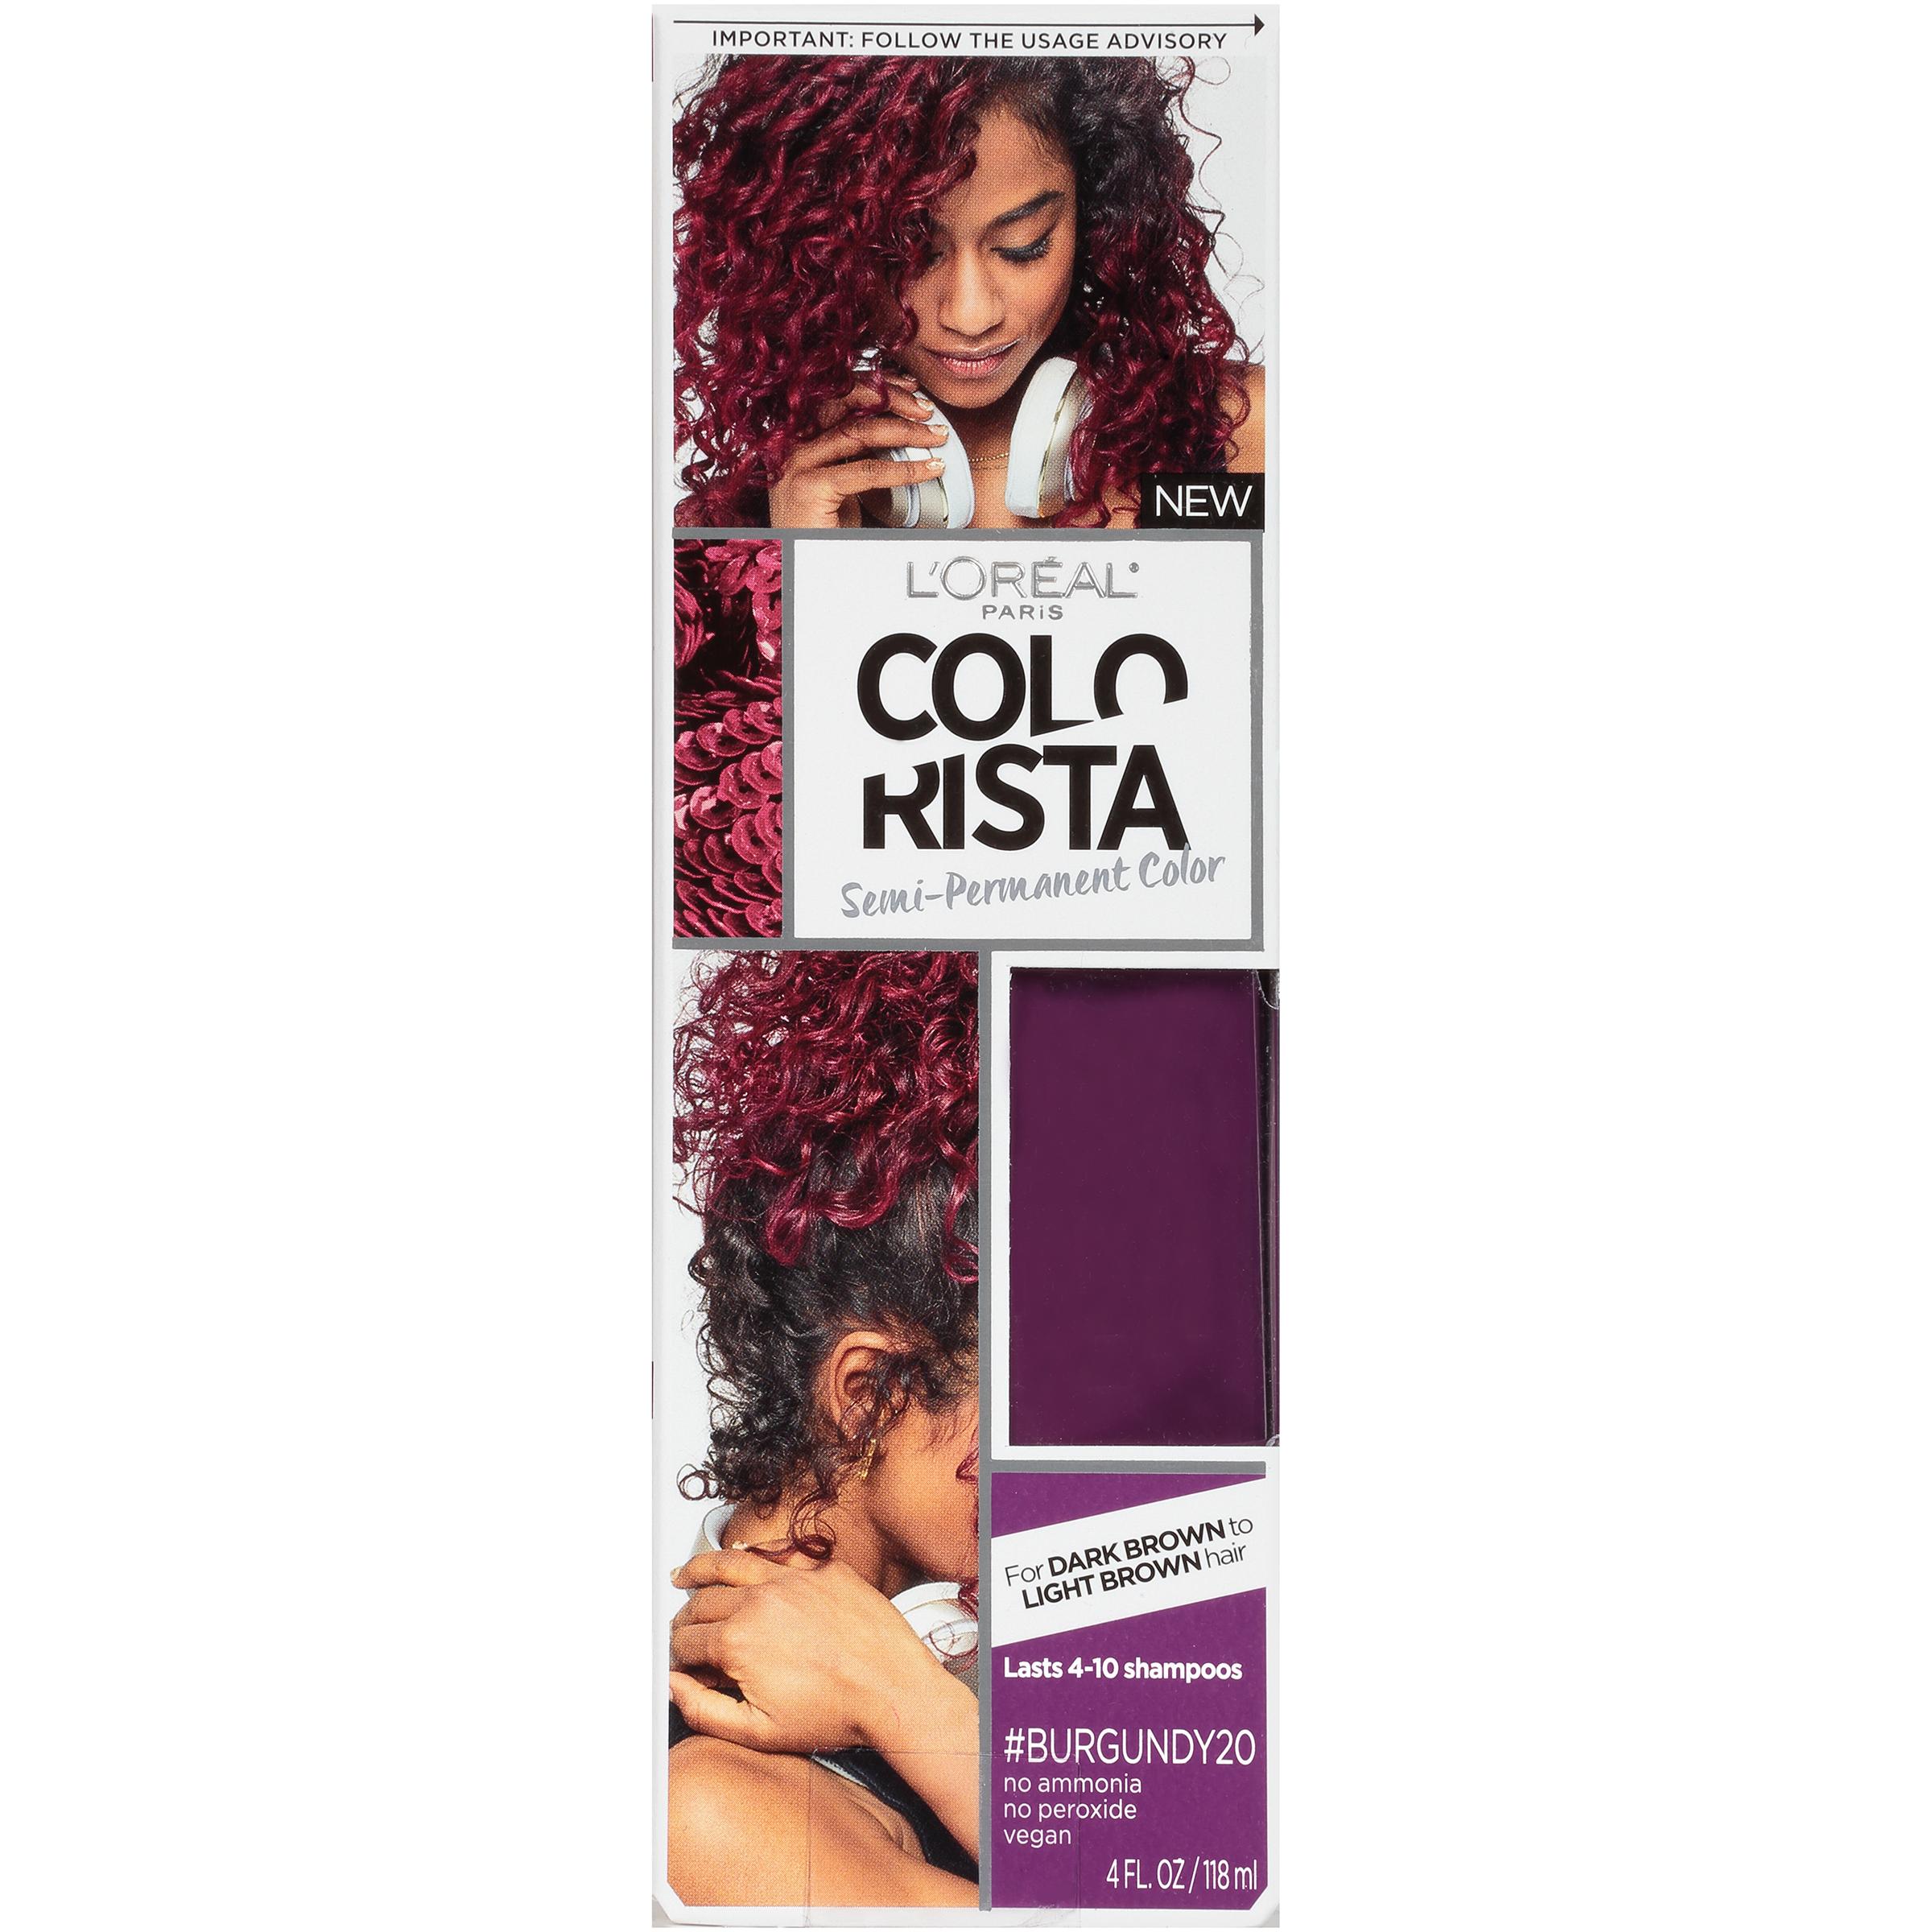 Loral Paris Colorista Semi Permanent Hair Color For Brunettes Ebay